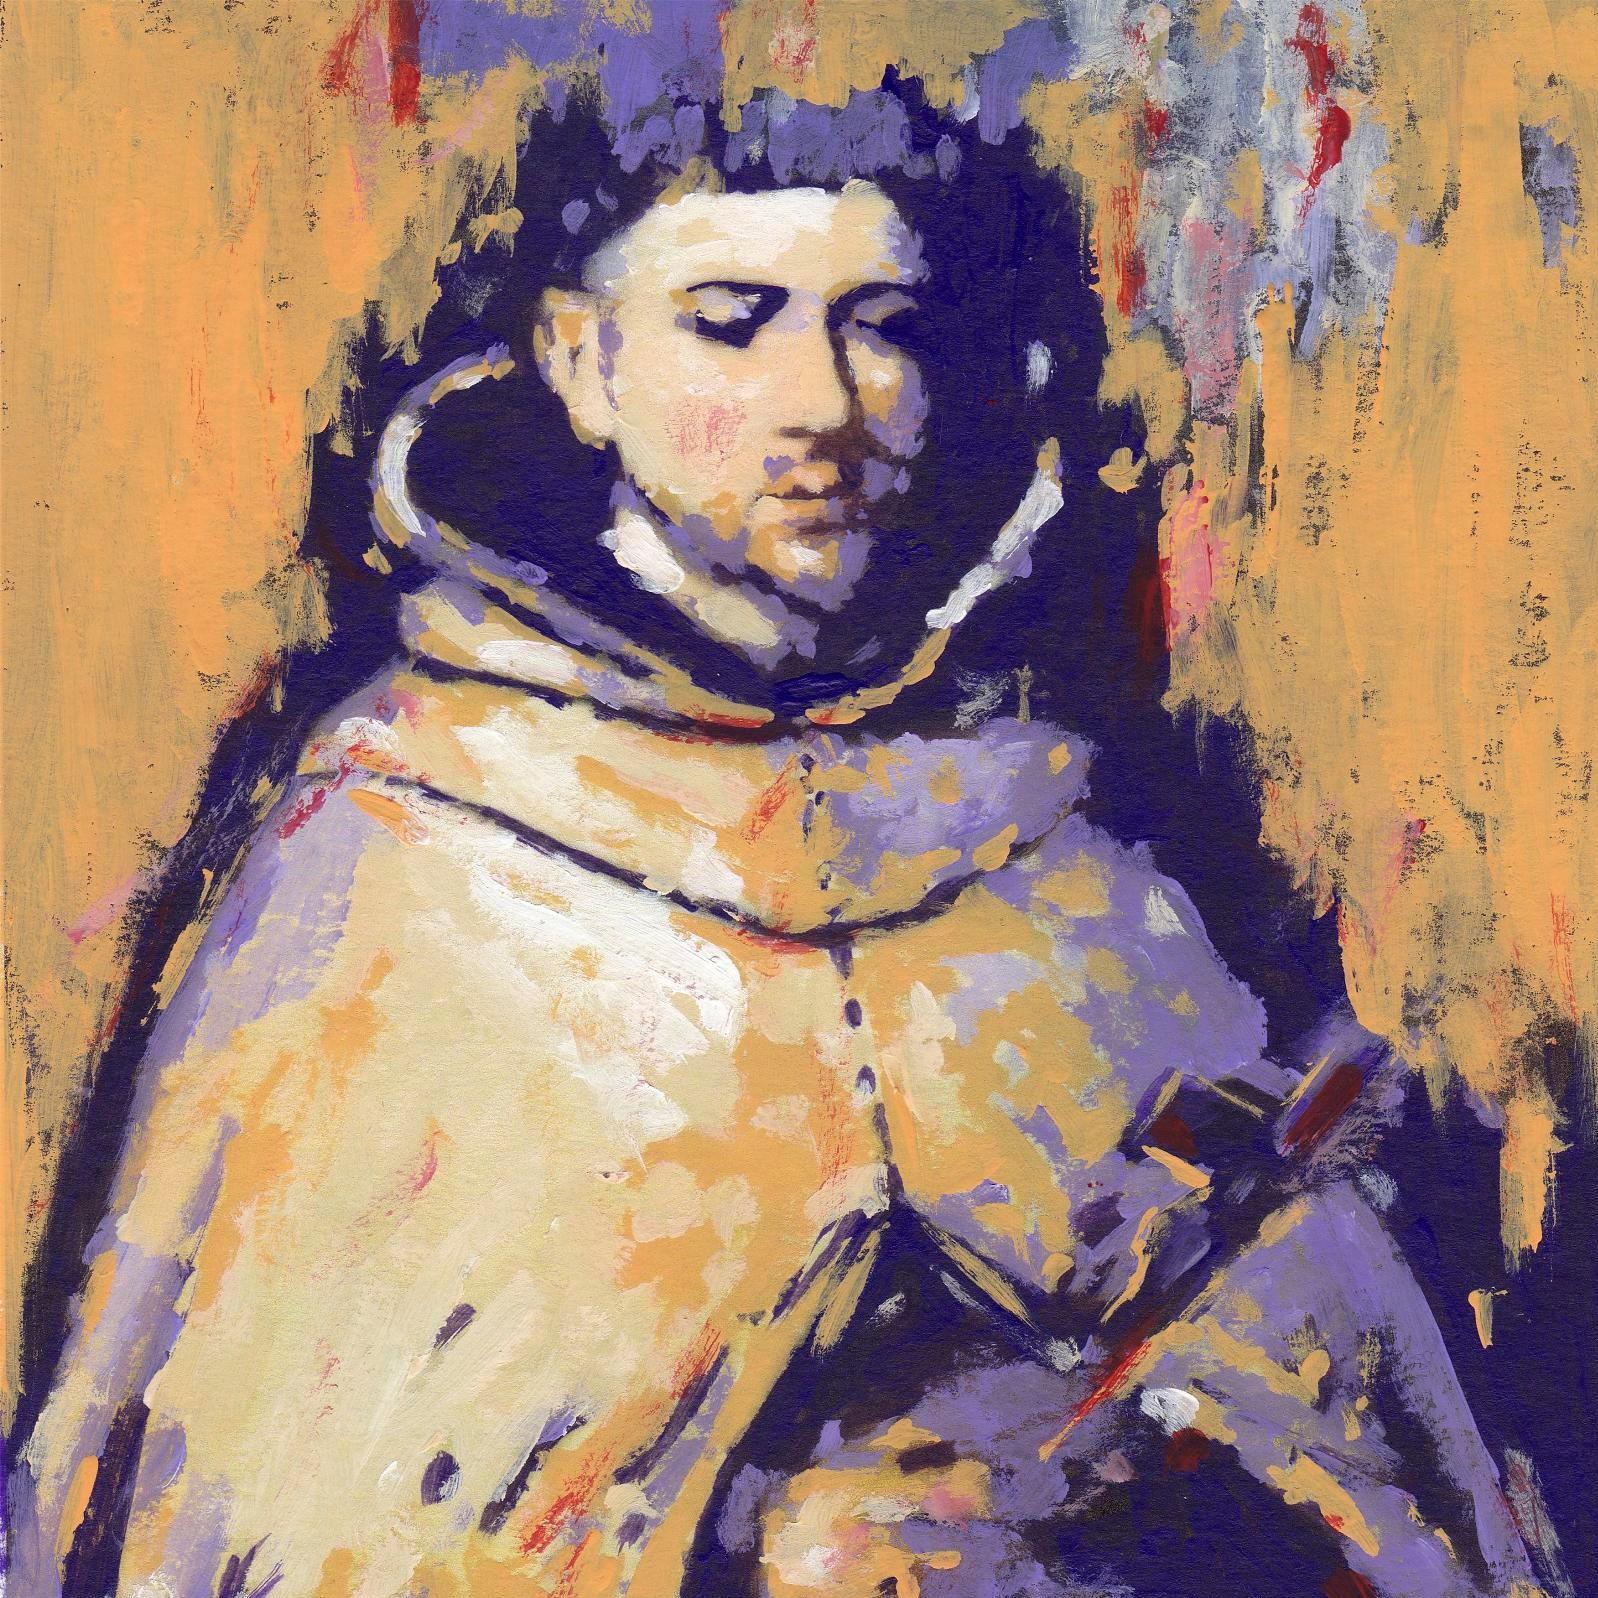 La tradición mística occidental: dos corrientes distintas en la poesía de San Juan de la Cruz y de Fray Luis de León